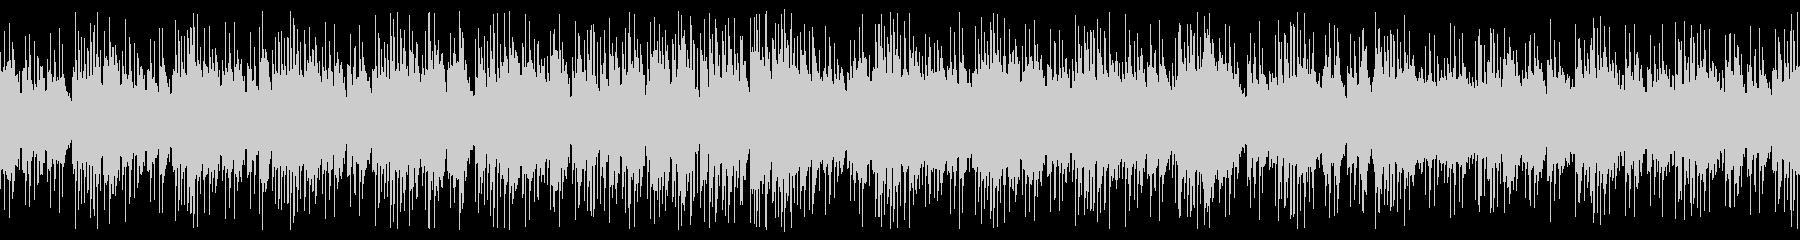 宇宙空間・波のようなピアノ曲 ループの未再生の波形